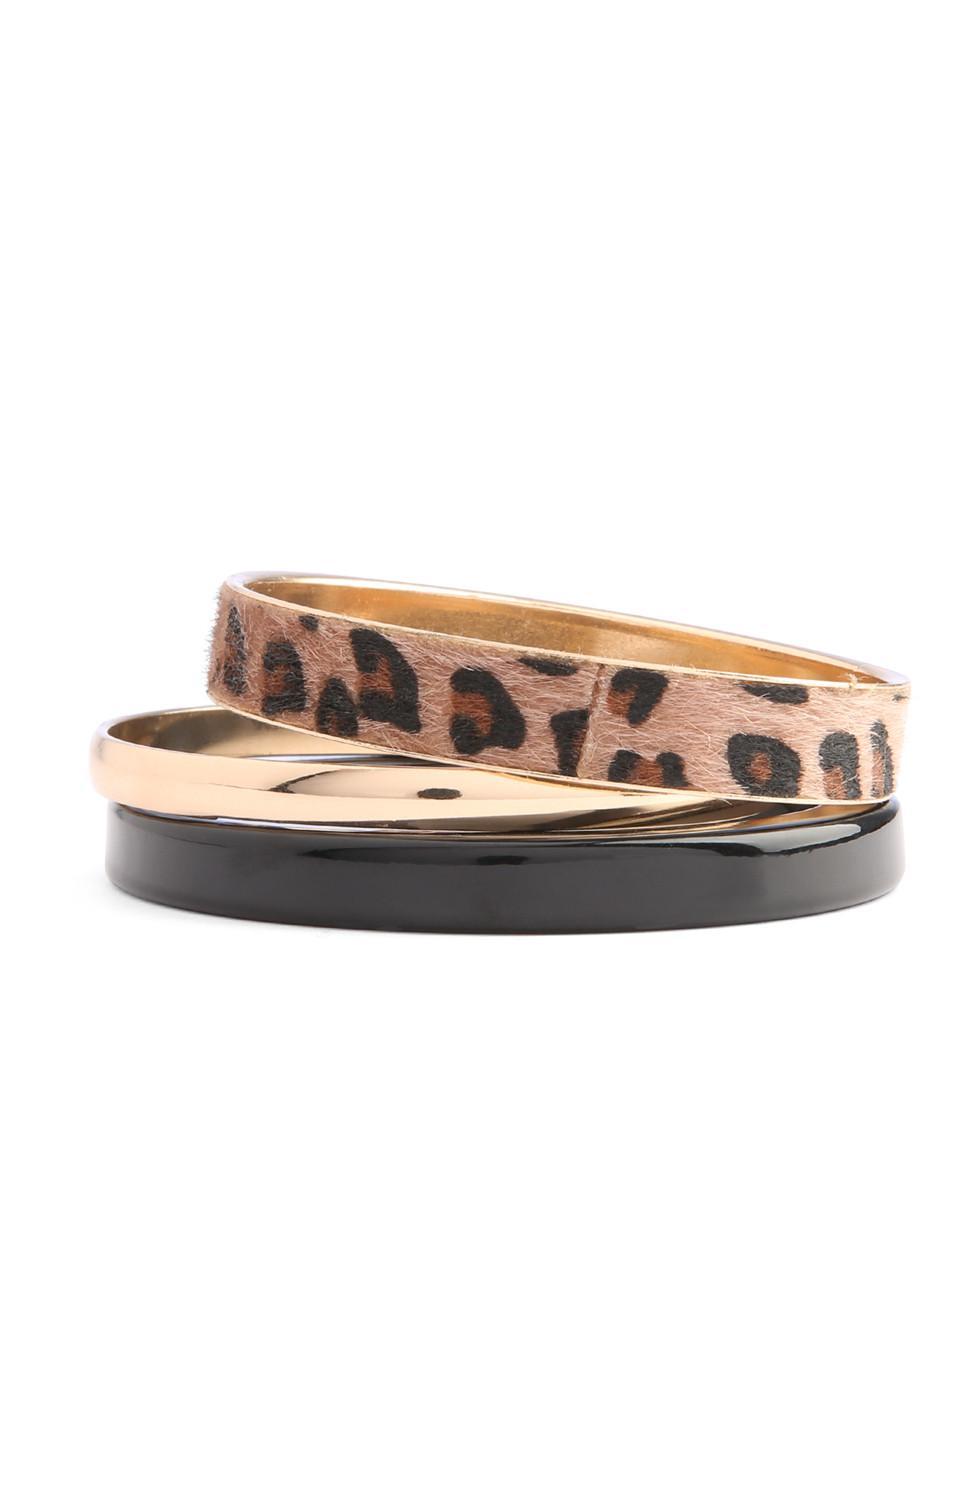 Braccialetti con stampa leopardata